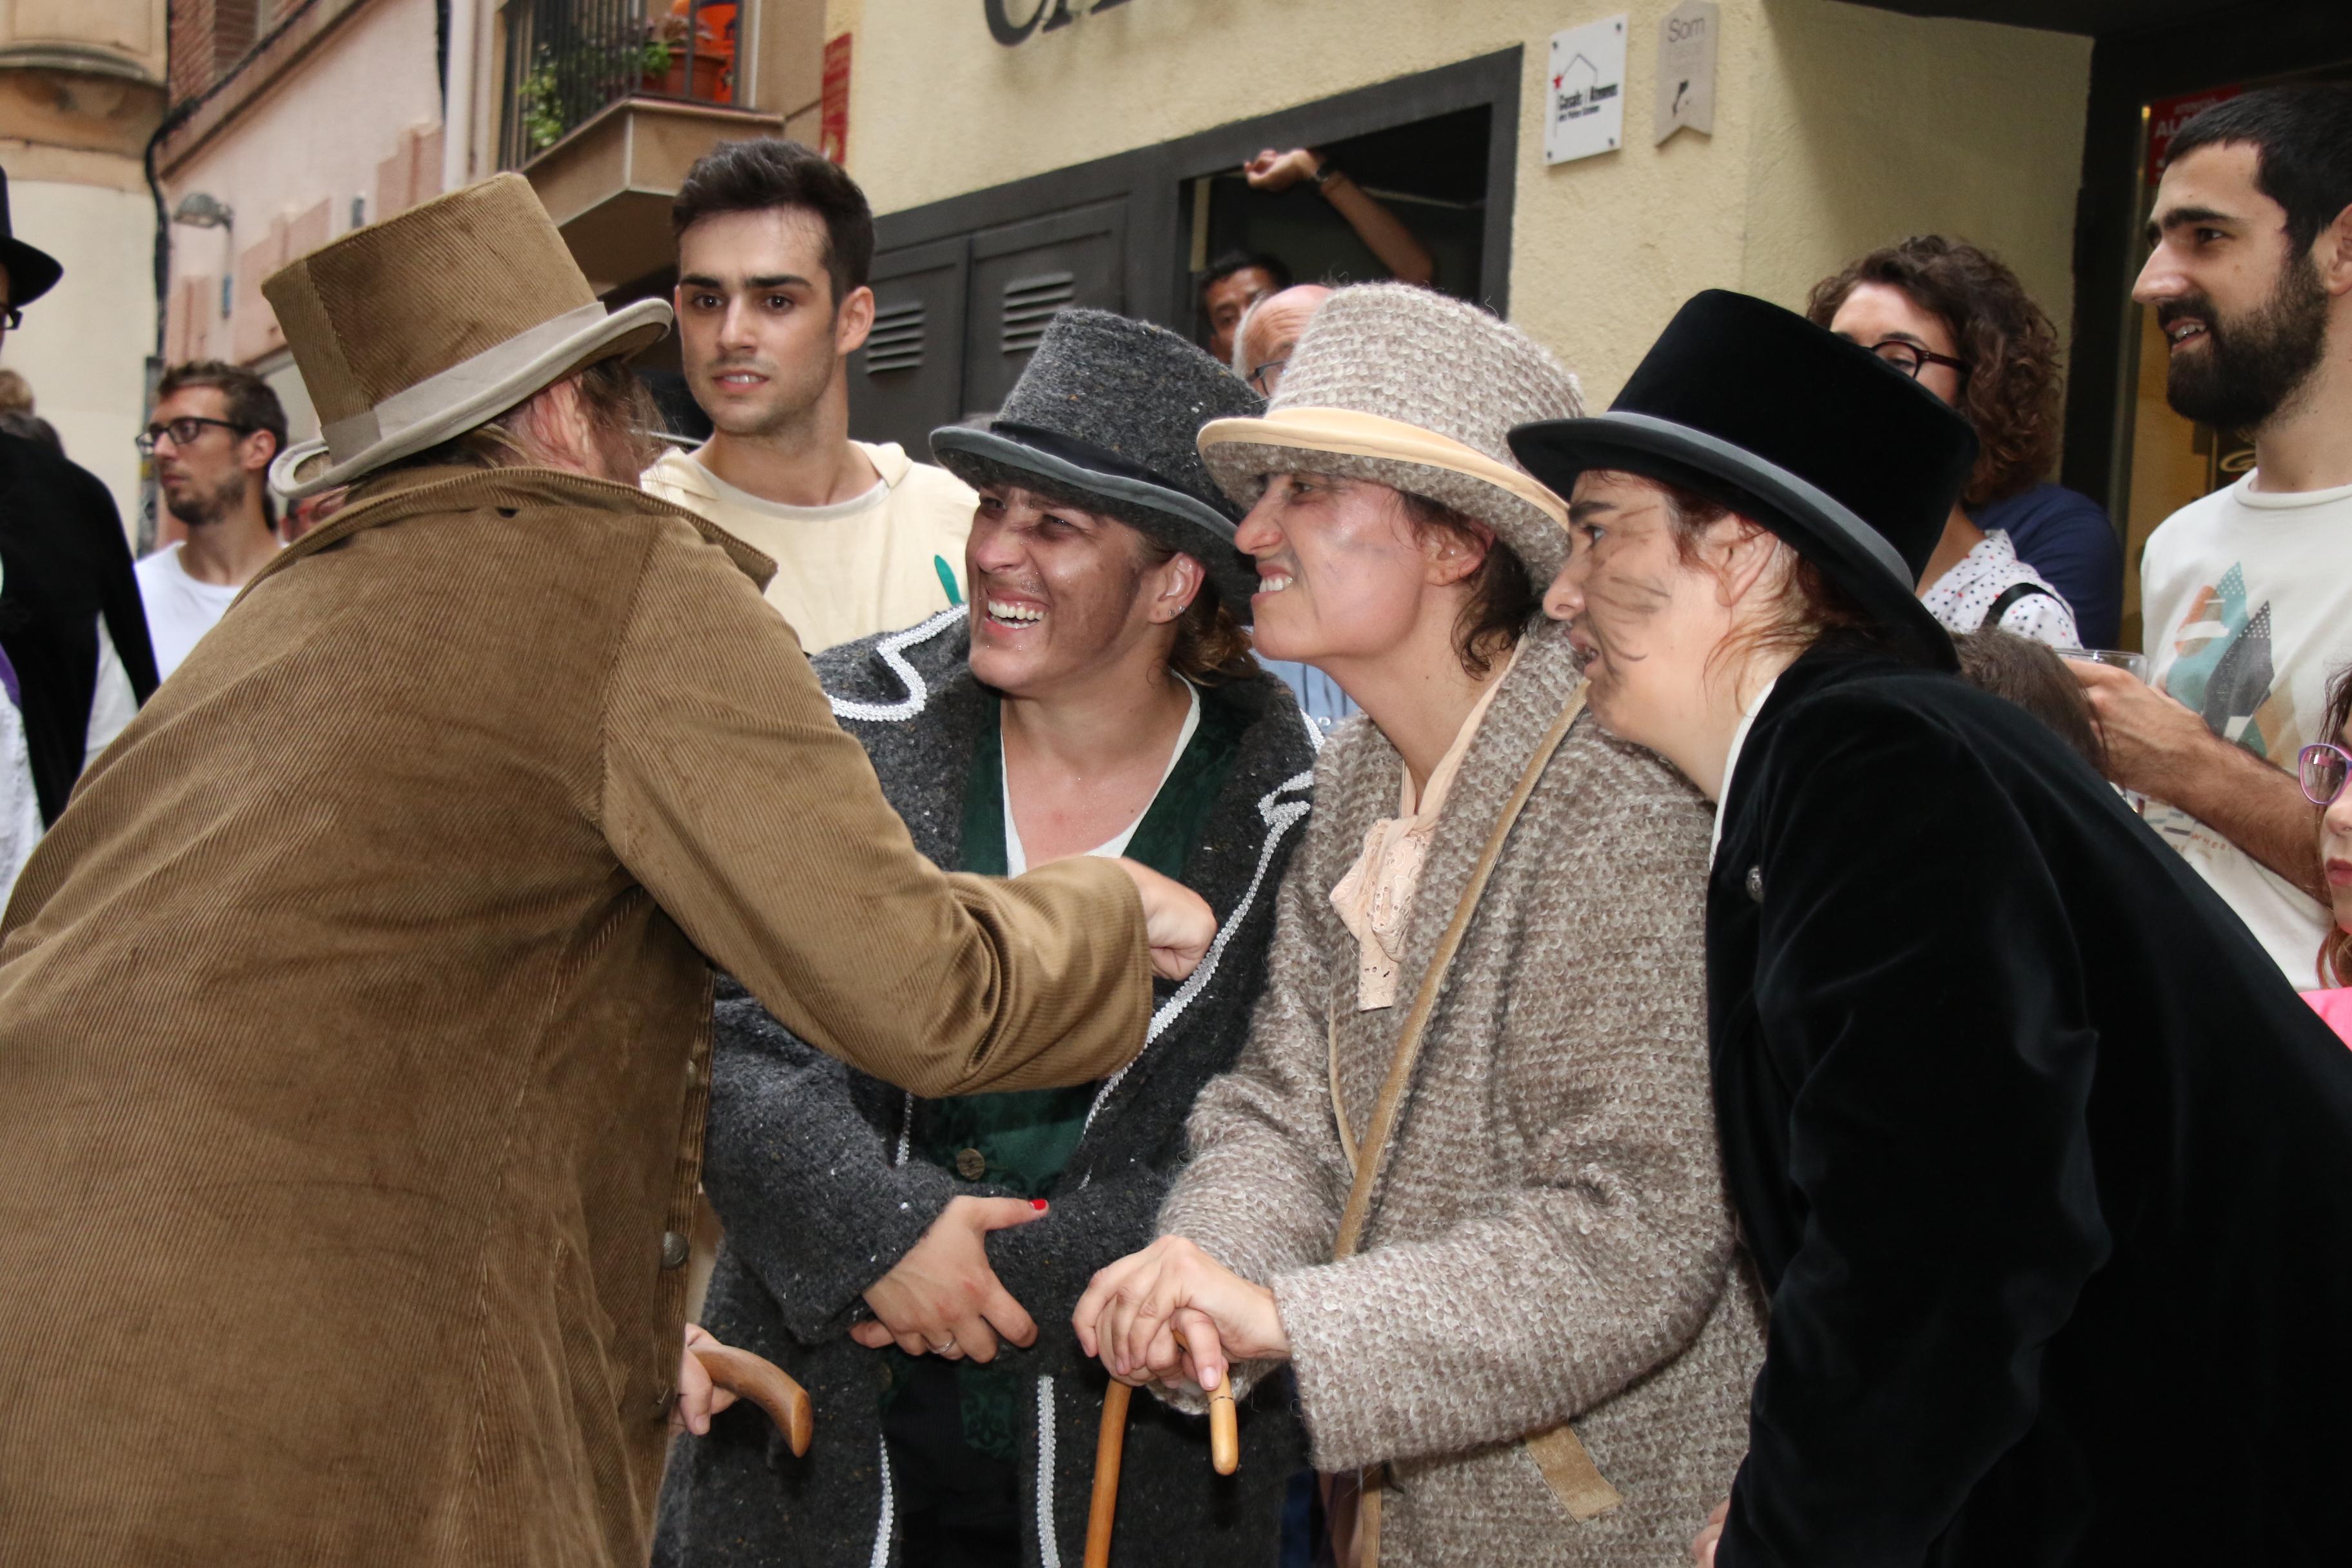 Representació Dames i Vells de Reus